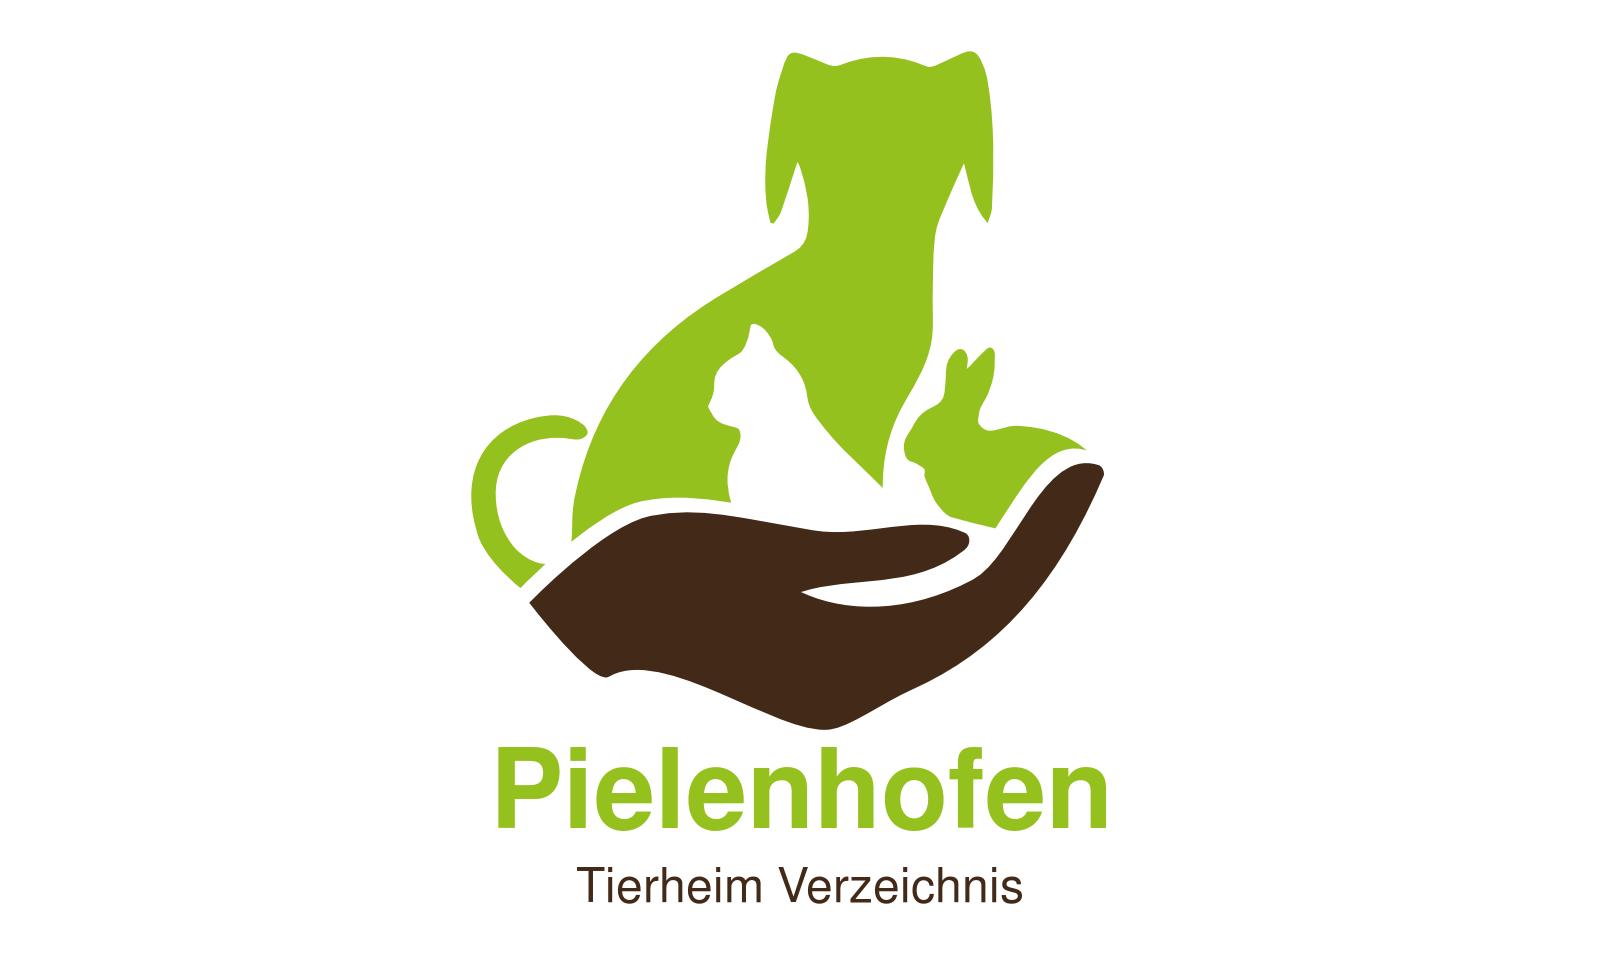 Tierheim Pielenhofen